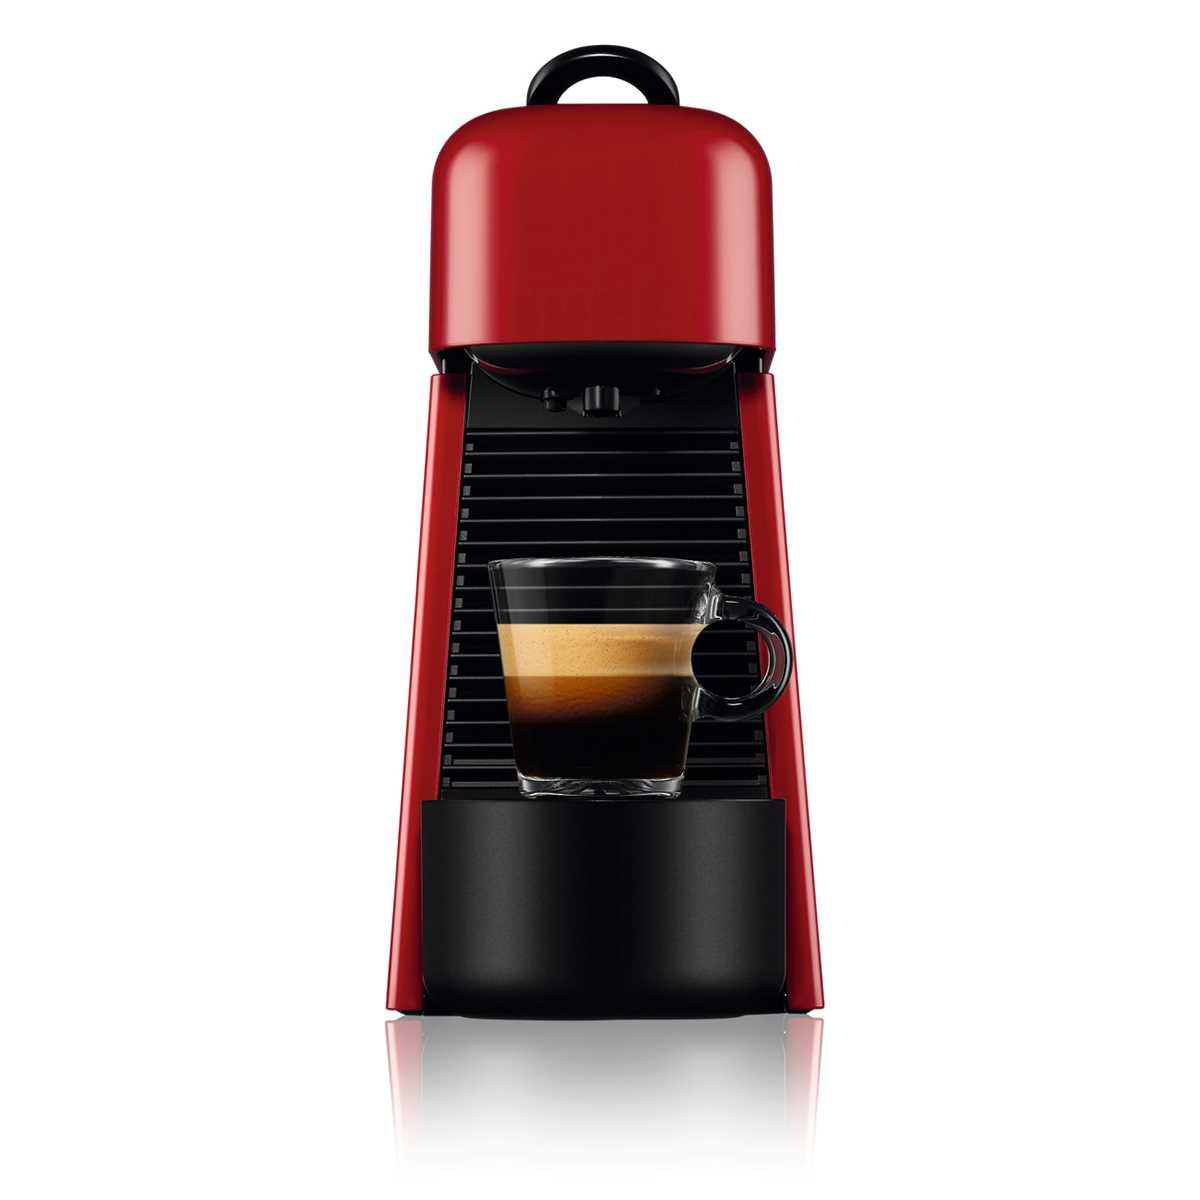 מכונת אספרסו Nespresso Essenza D45 Plus נספרסו כולל מקצף חלב - צבע אדום - תמונה 3